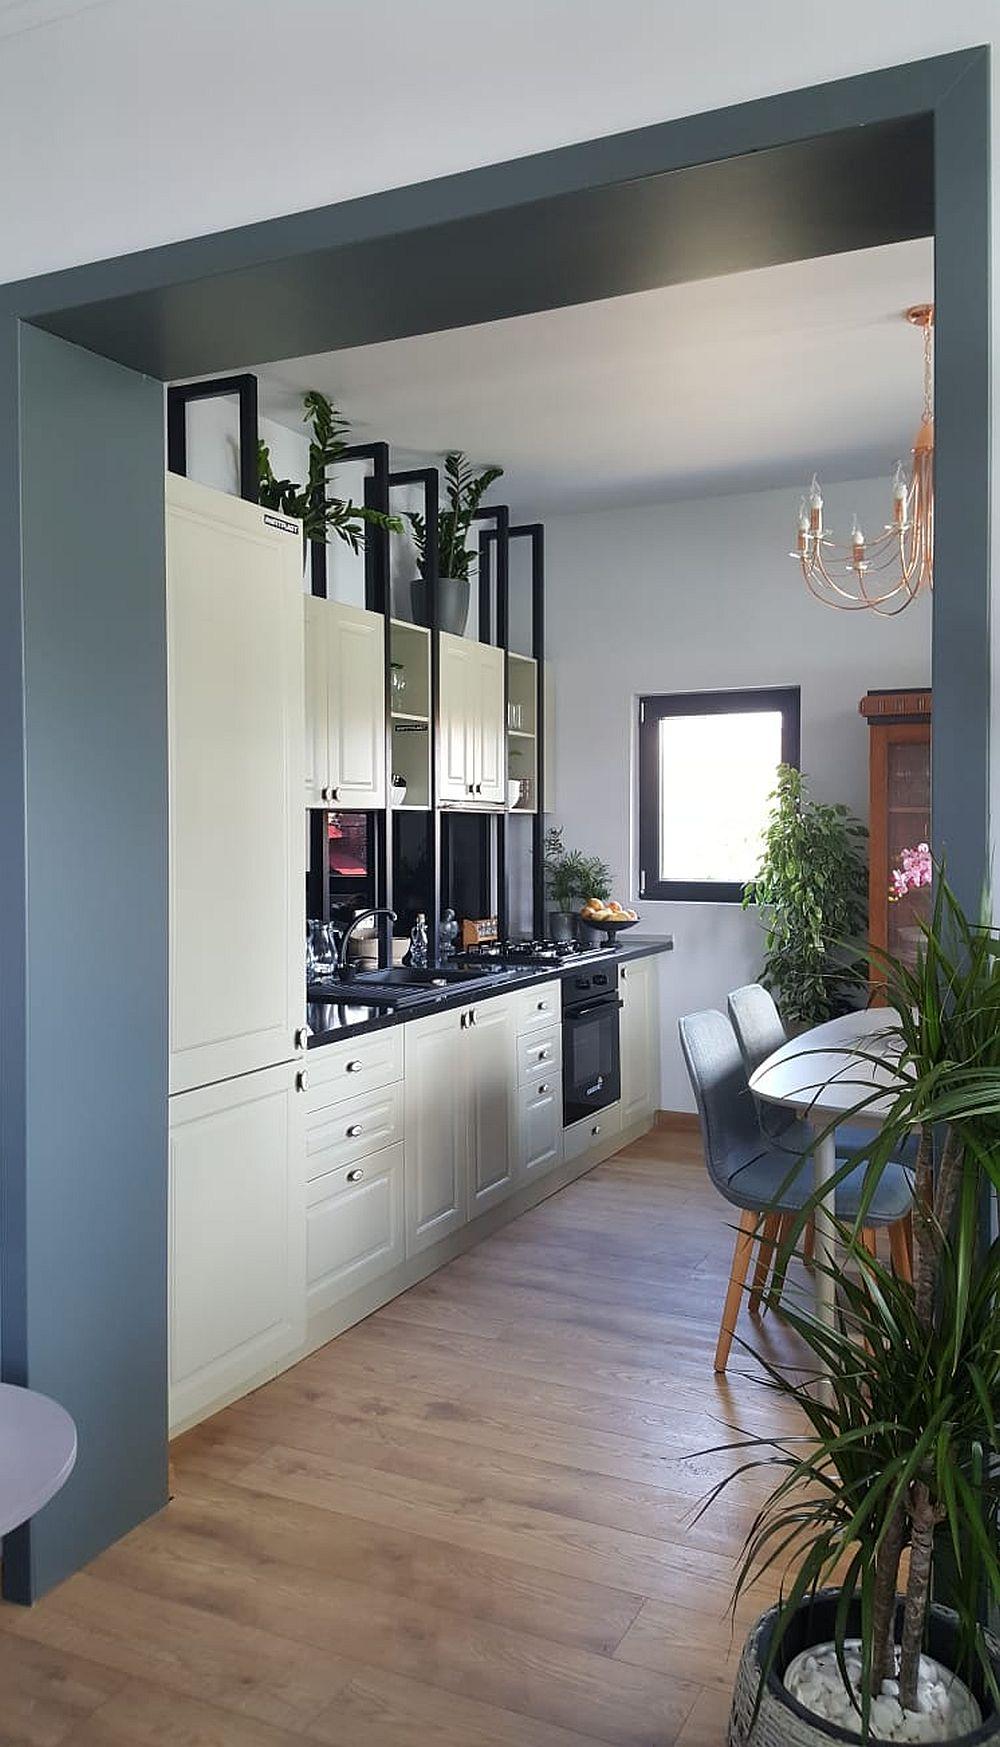 Bucătăria este organizată pe o singură latură a spațiului pentru a nu fi vizibilă din living, deci pentru a fi ascuns caracterul ei tehnic.